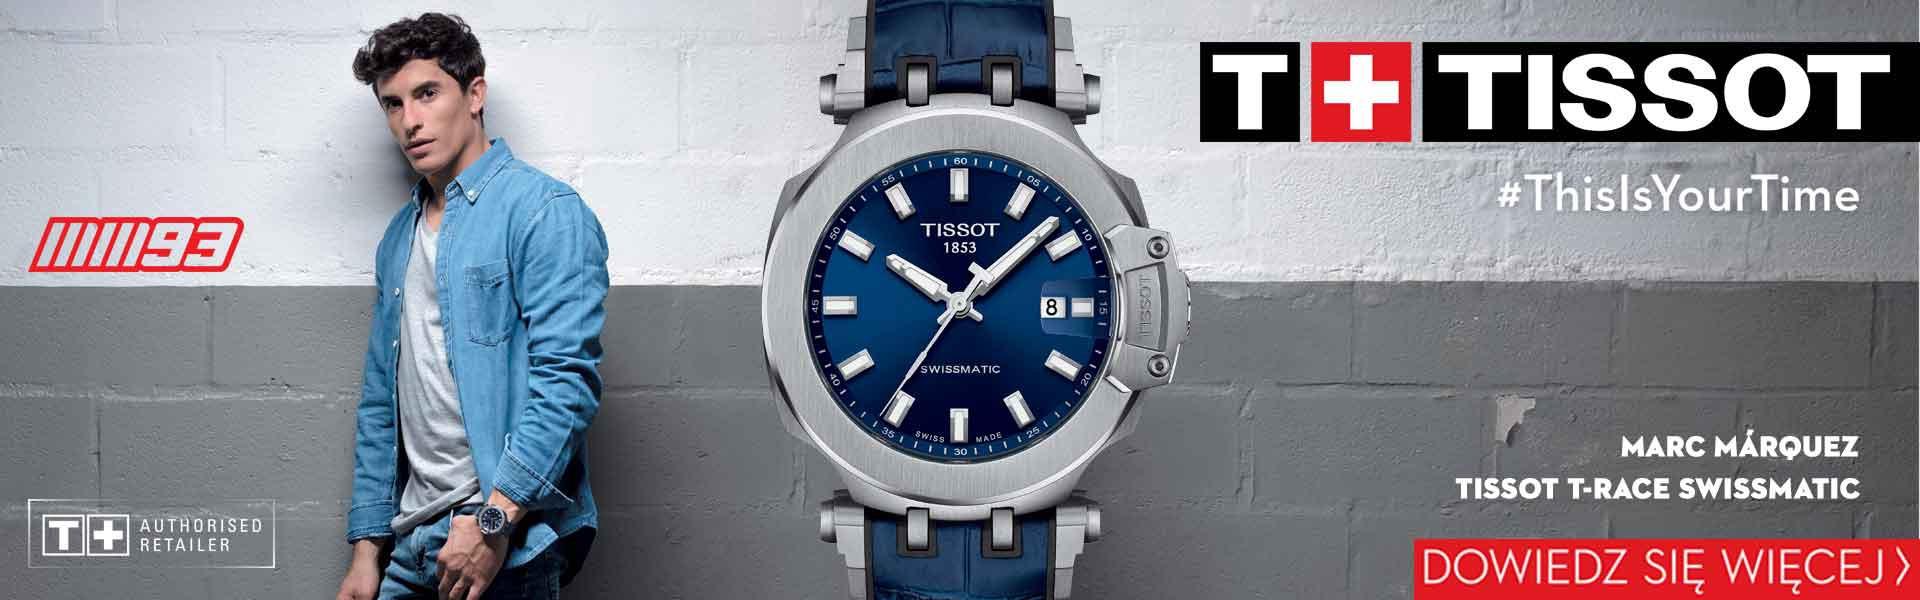 Kolekcja Tissot T-Race Swissmatic